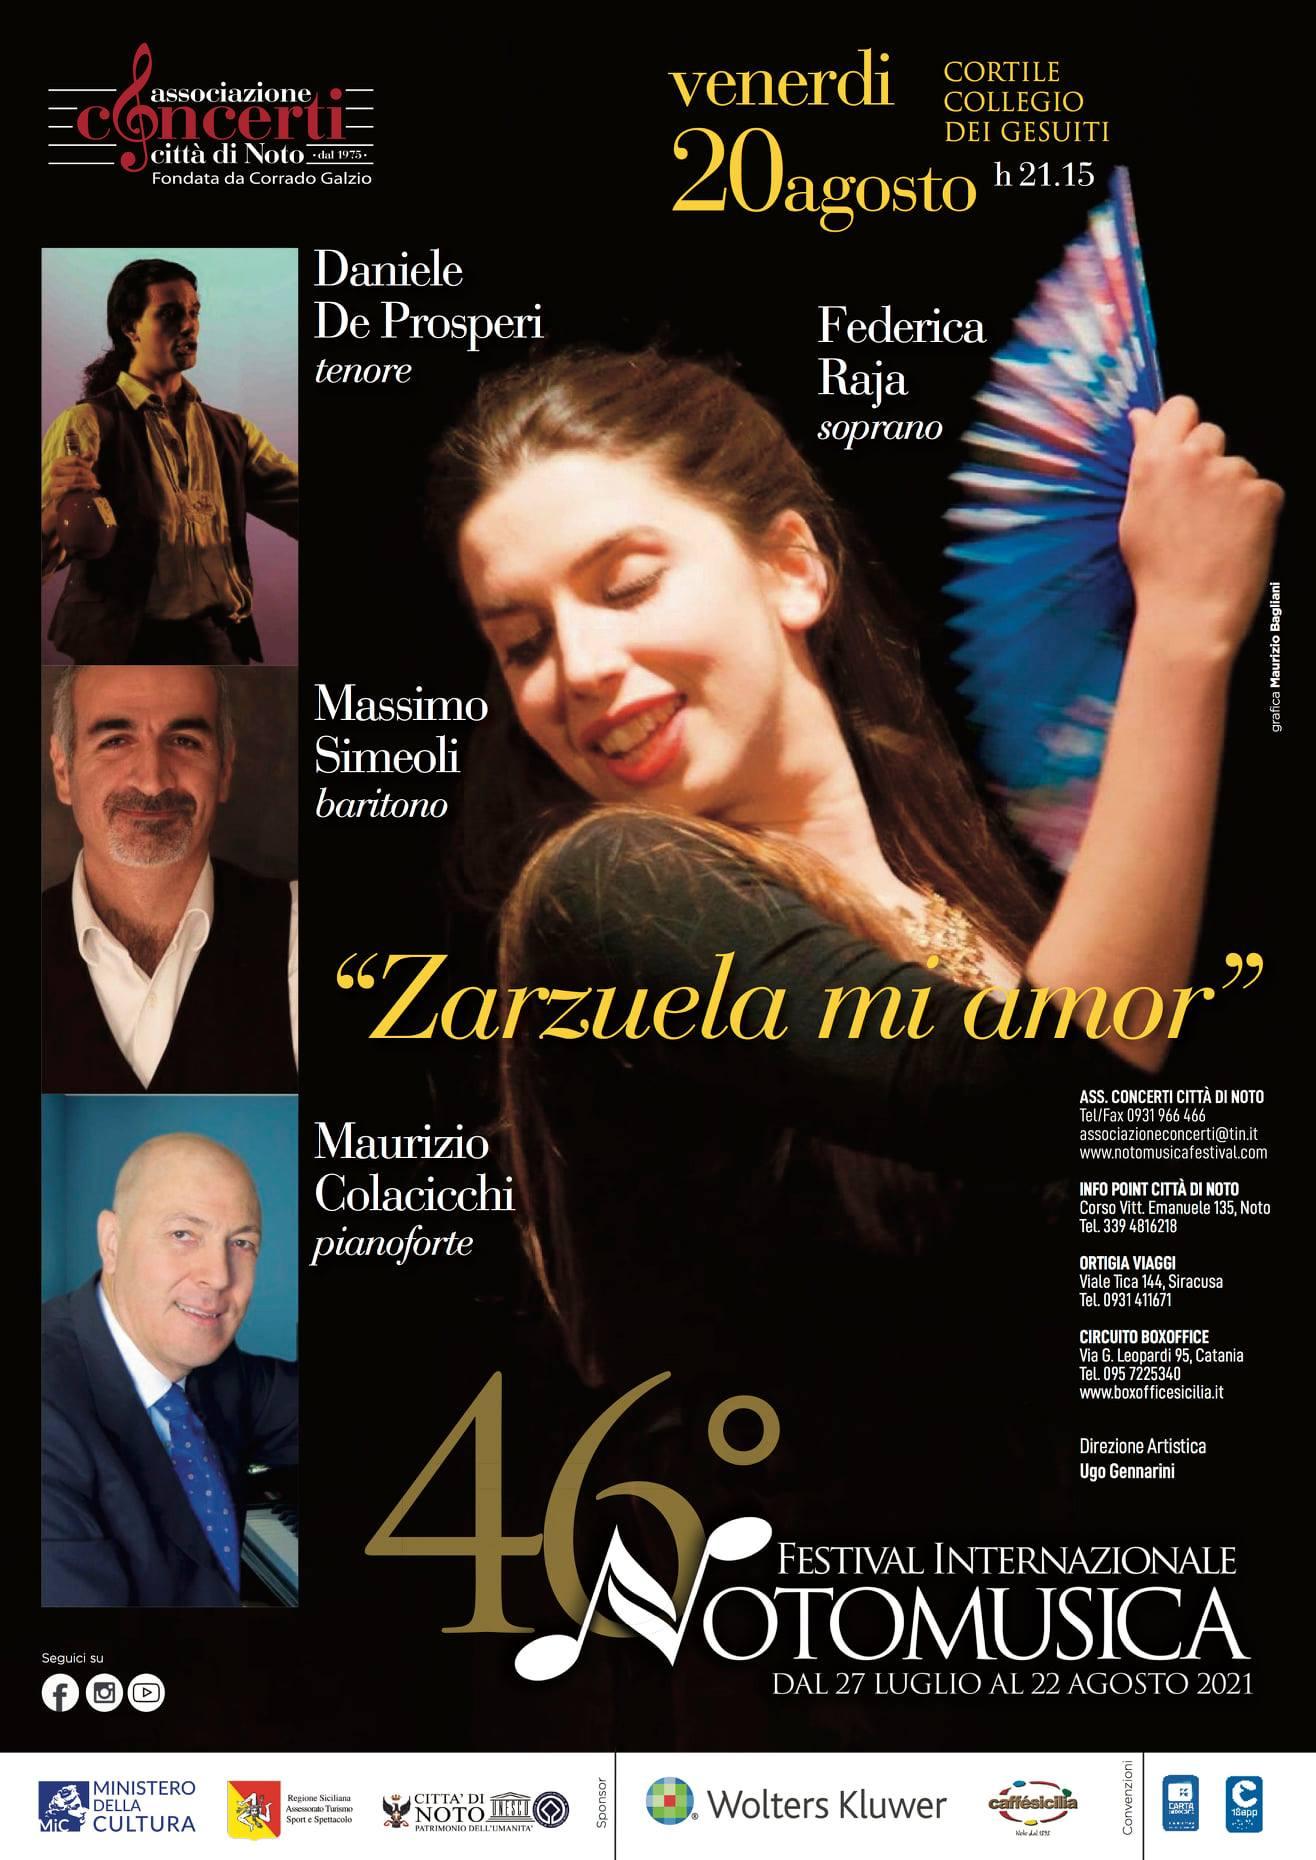 Omaggio alla Zarzuela, l'operetta spagnola